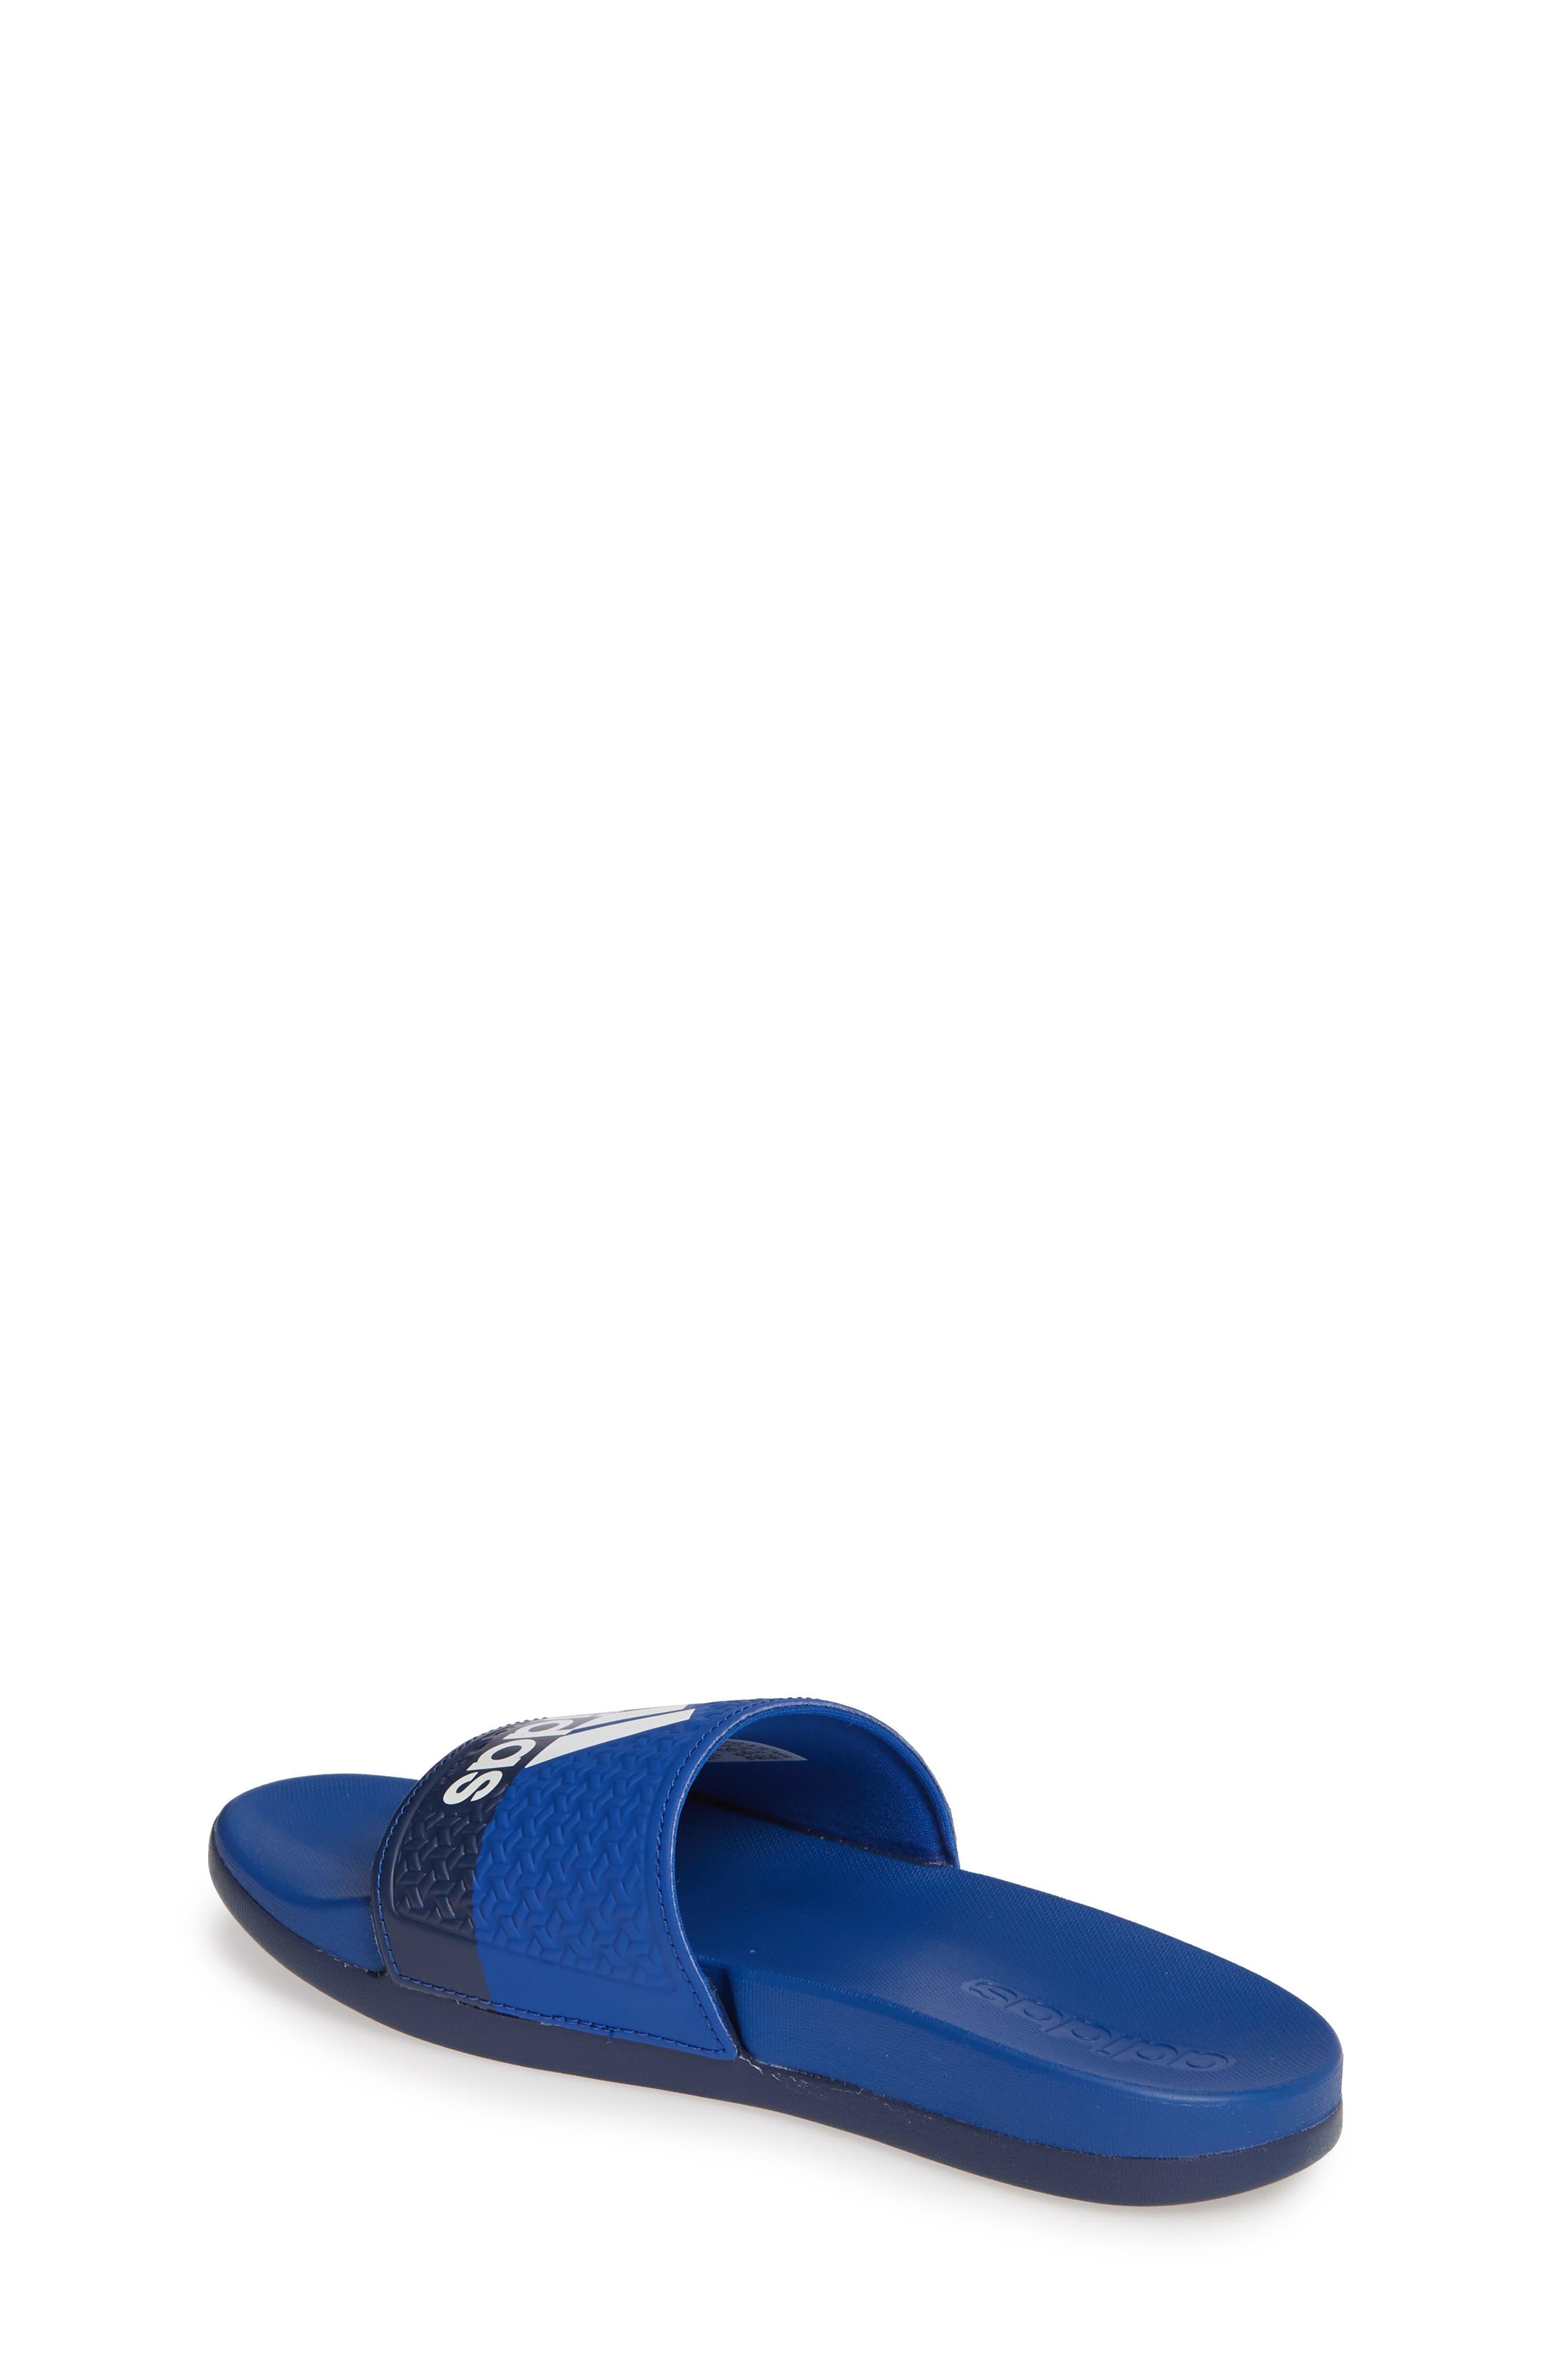 Adilette Slide Sandal,                             Alternate thumbnail 2, color,                             COLLEGIATE ROYAL/ WHITE/ BLUE